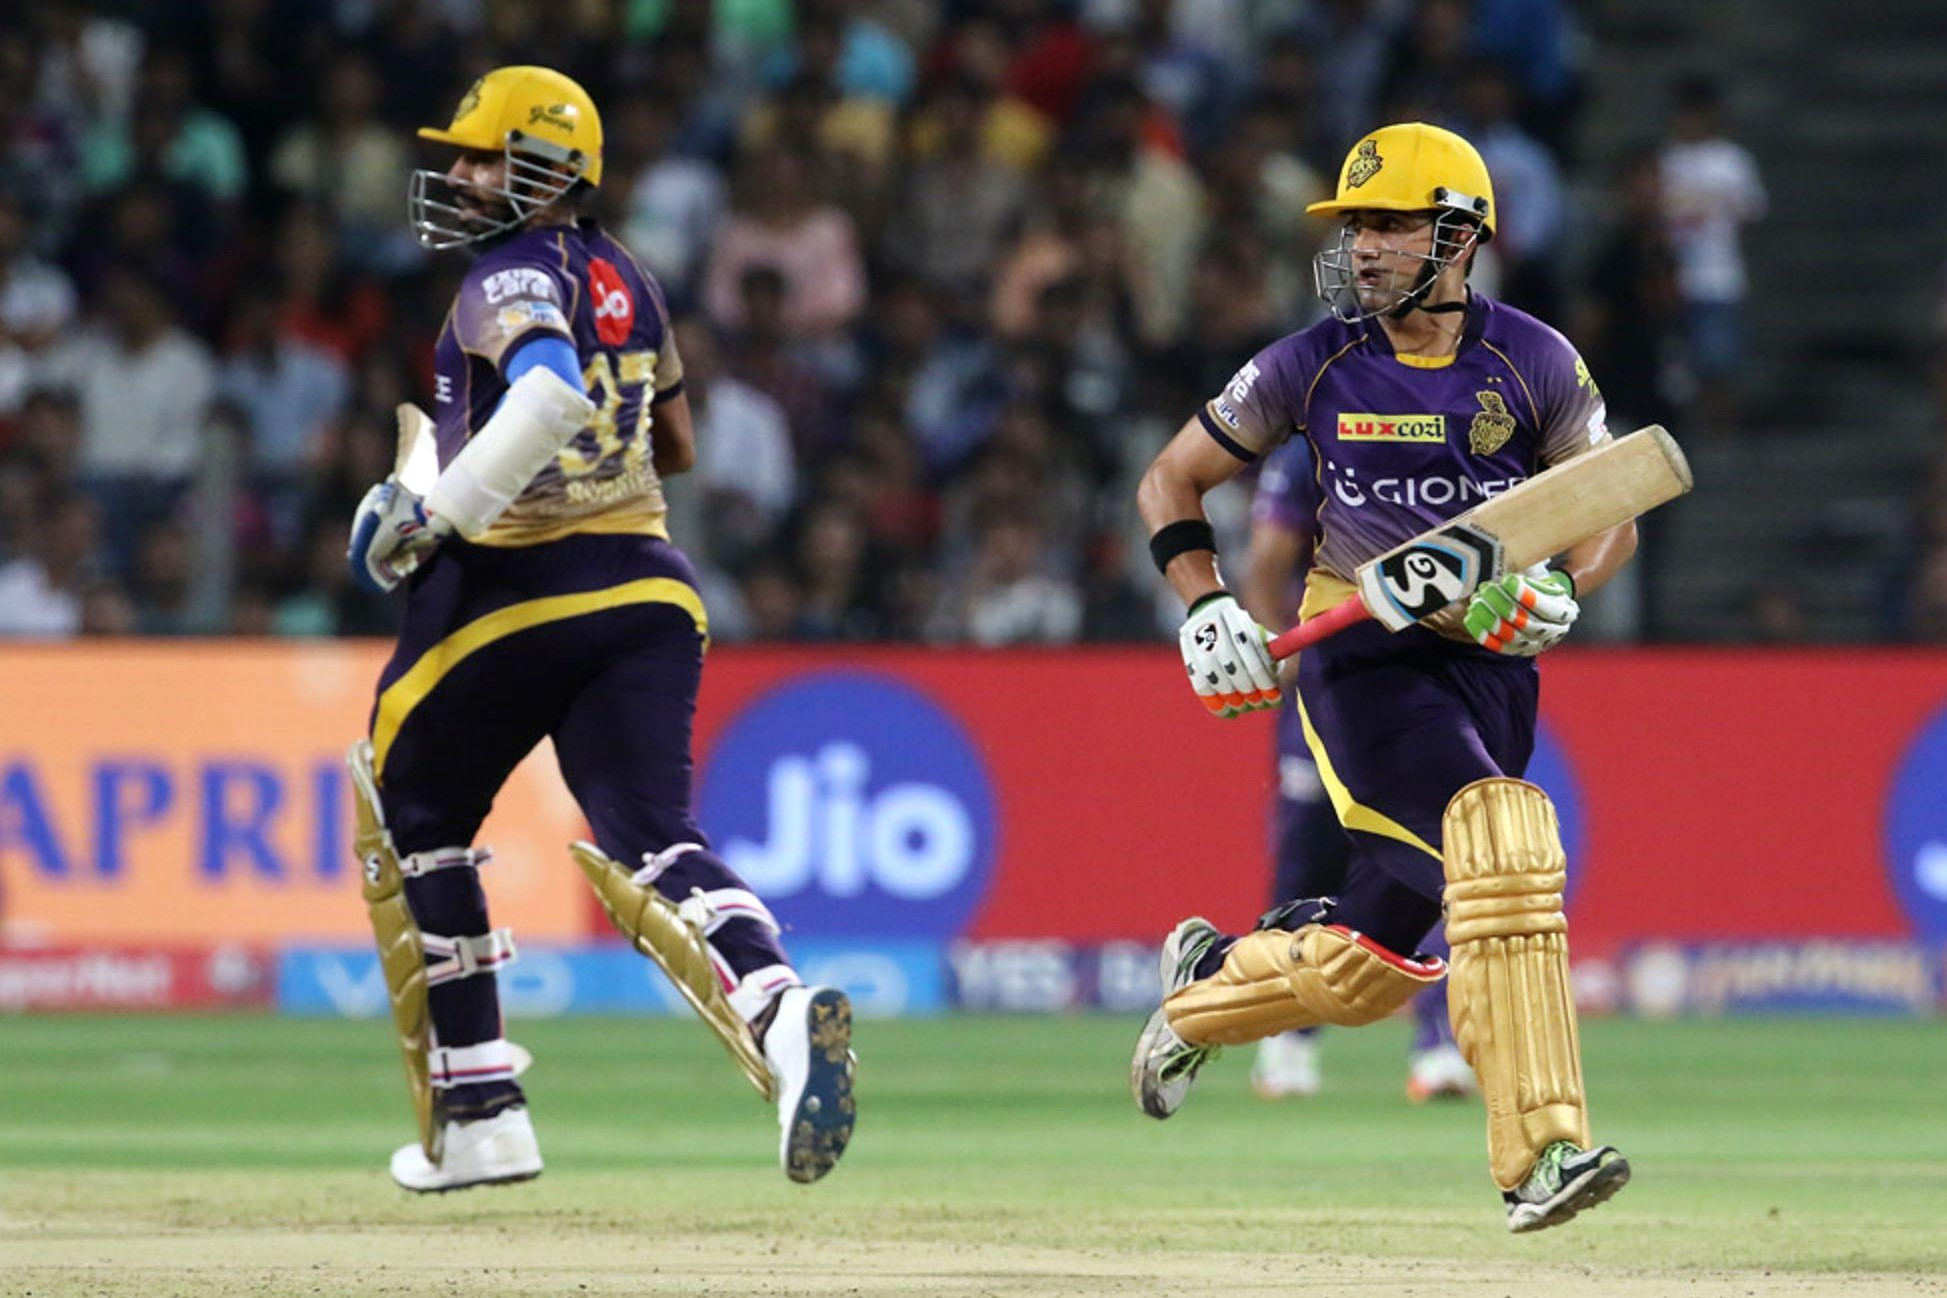 भारत के लिए फिर से मैदान पर उतरना है इस दिग्गज खिलाड़ी का एकमात्र सपना 14